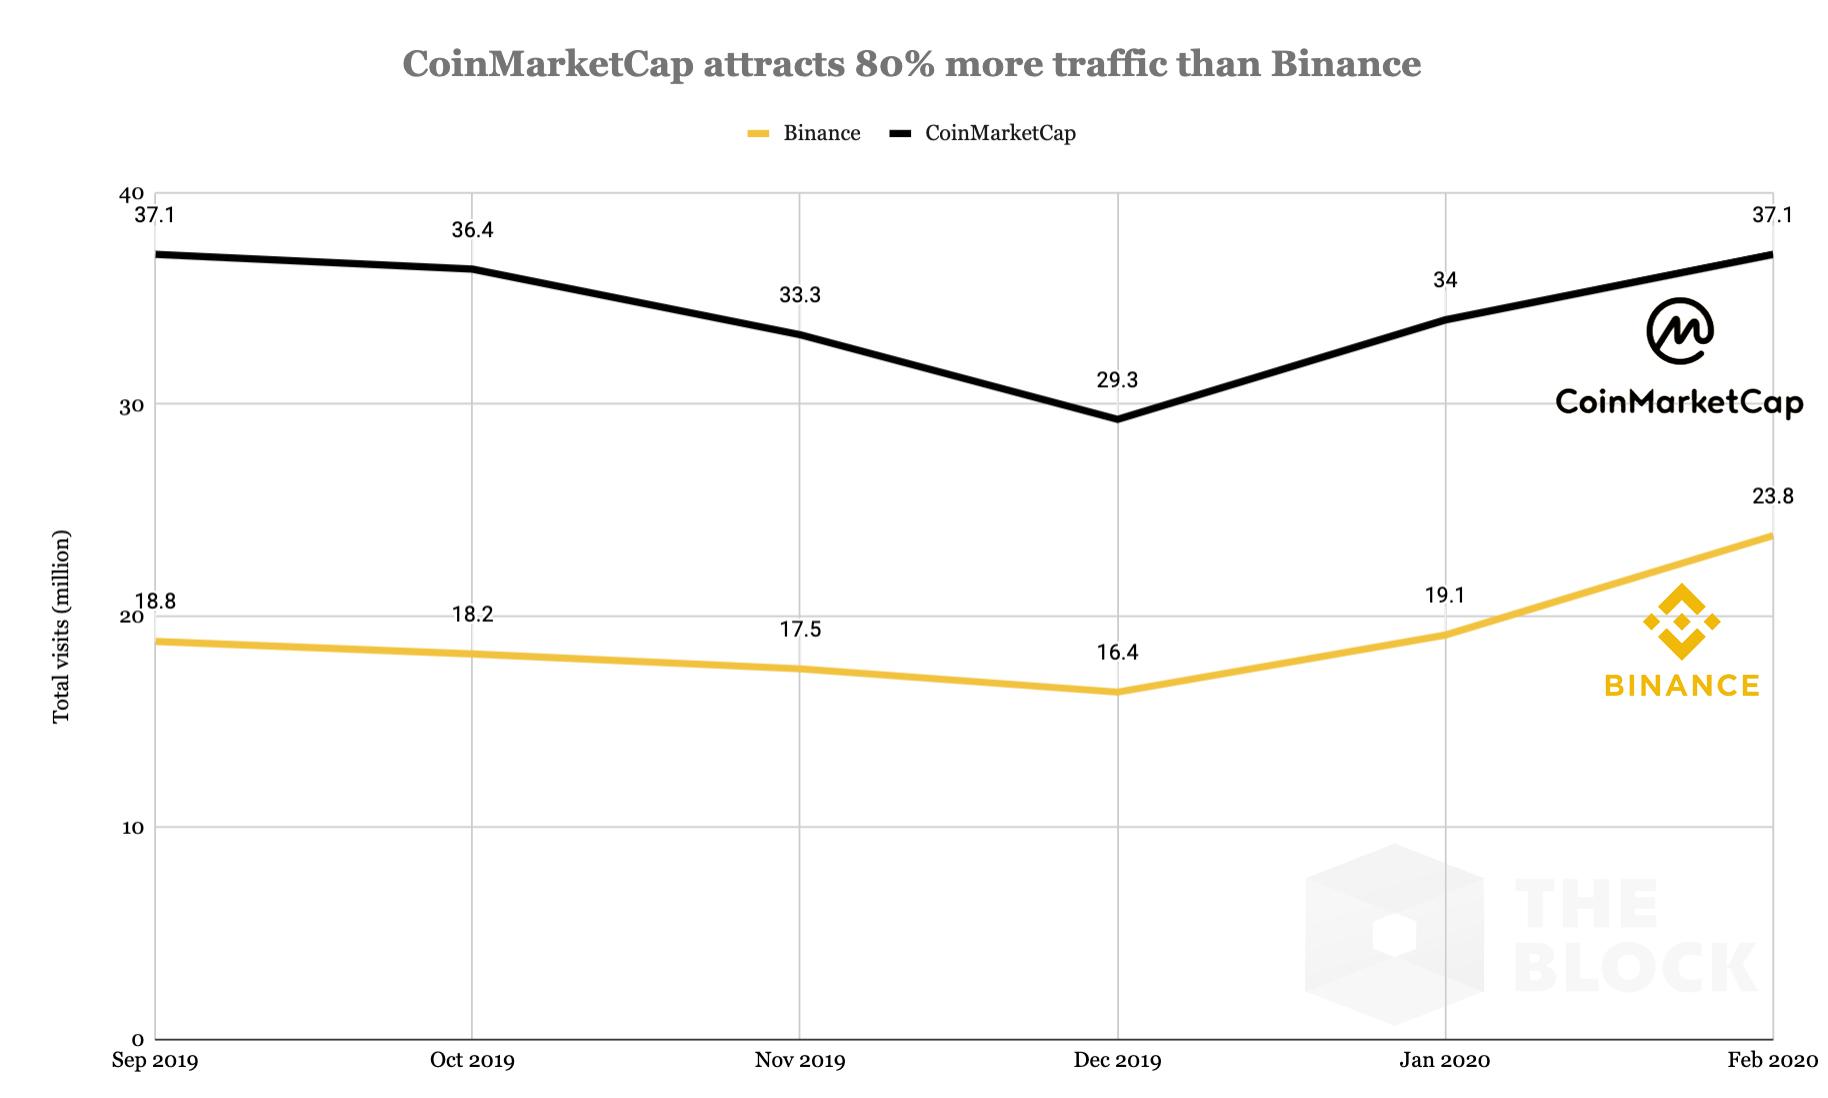 A Binance, por outro lado, atraiu 113,8 milhões de visitantes nos últimos seis meses. O tráfego da CoinMarketCap é 80% maior que o da Binance.